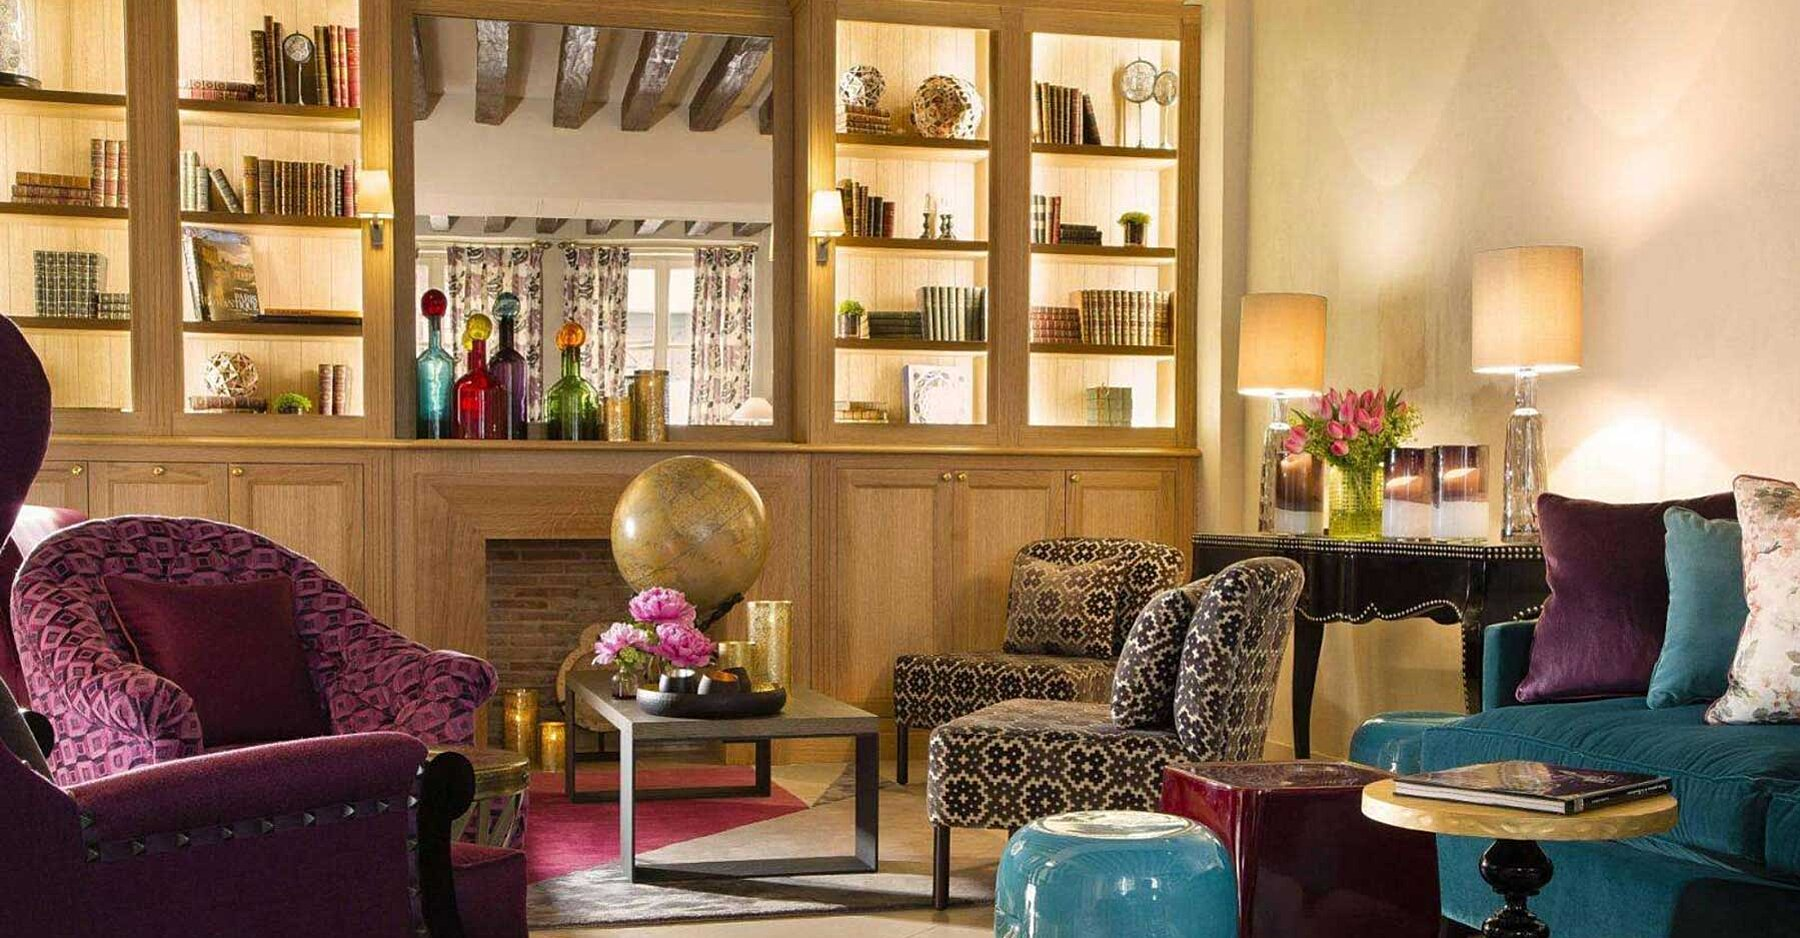 Les 10 meilleurs hôtels pas chers à Paris |  Voyage + Loisirs